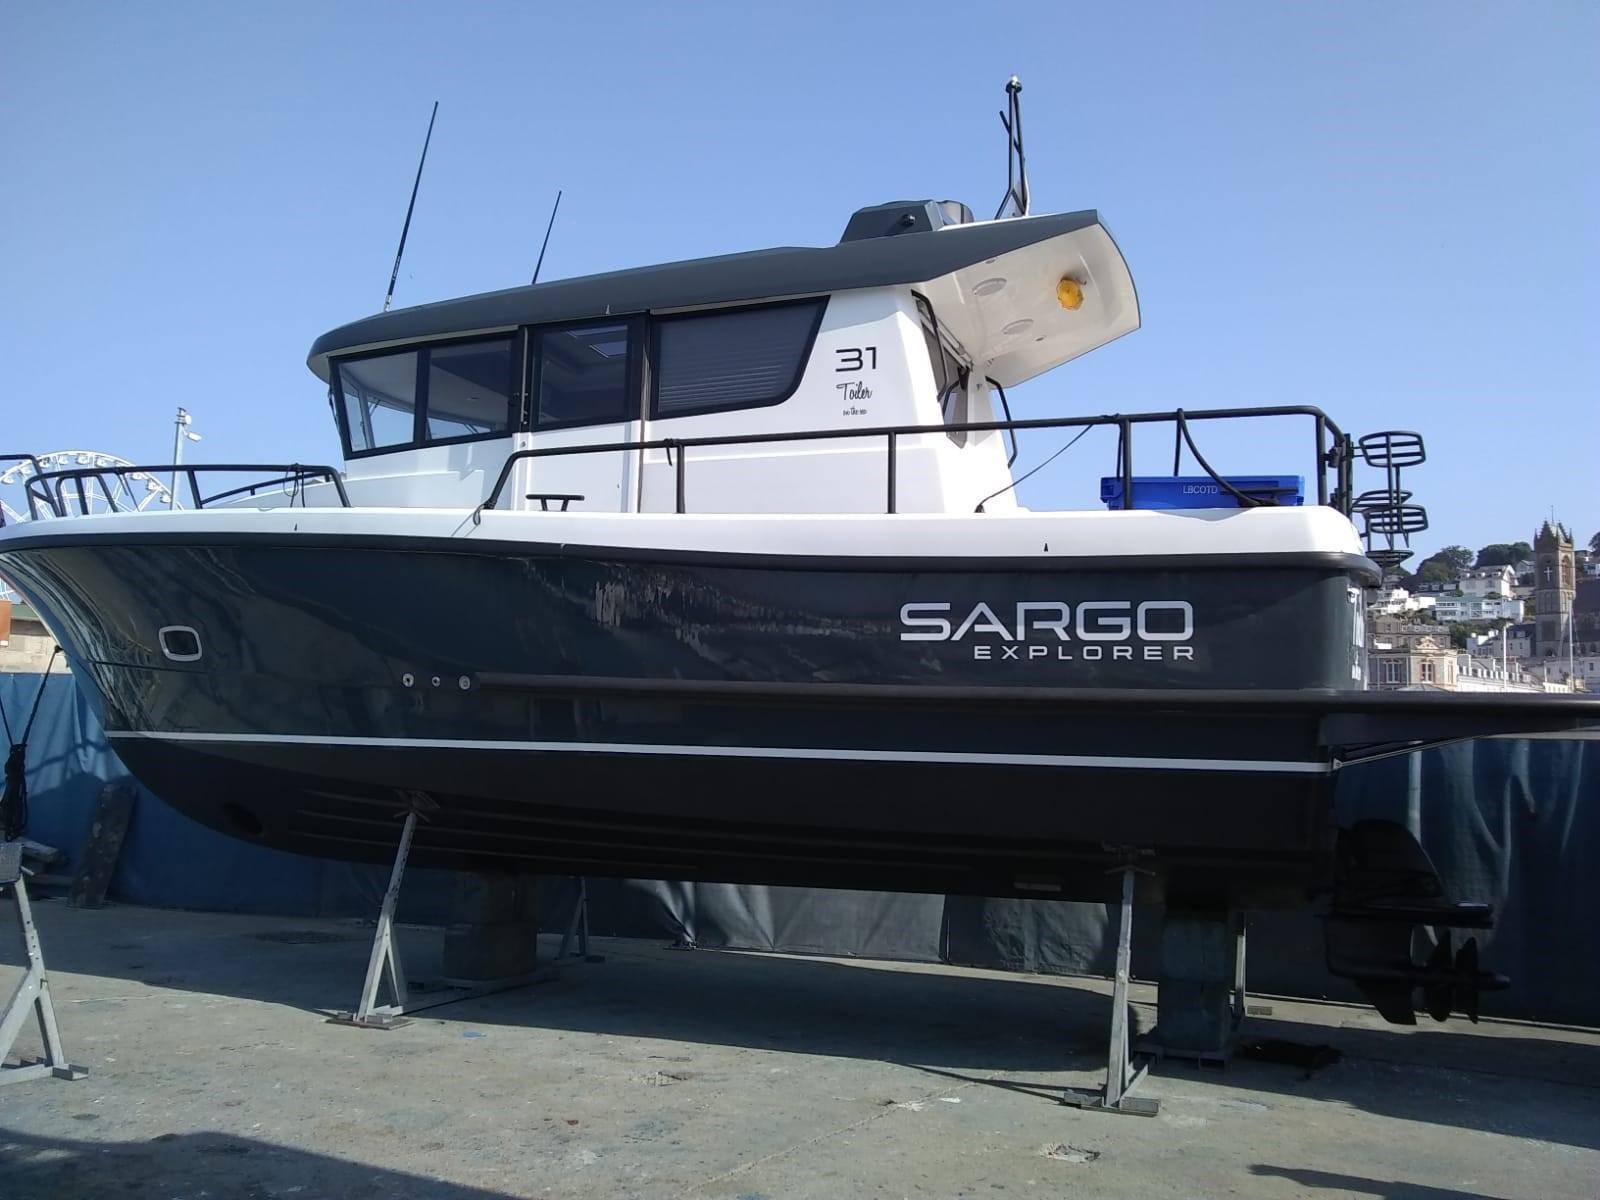 2018 Sargo 31 Explorer for sale